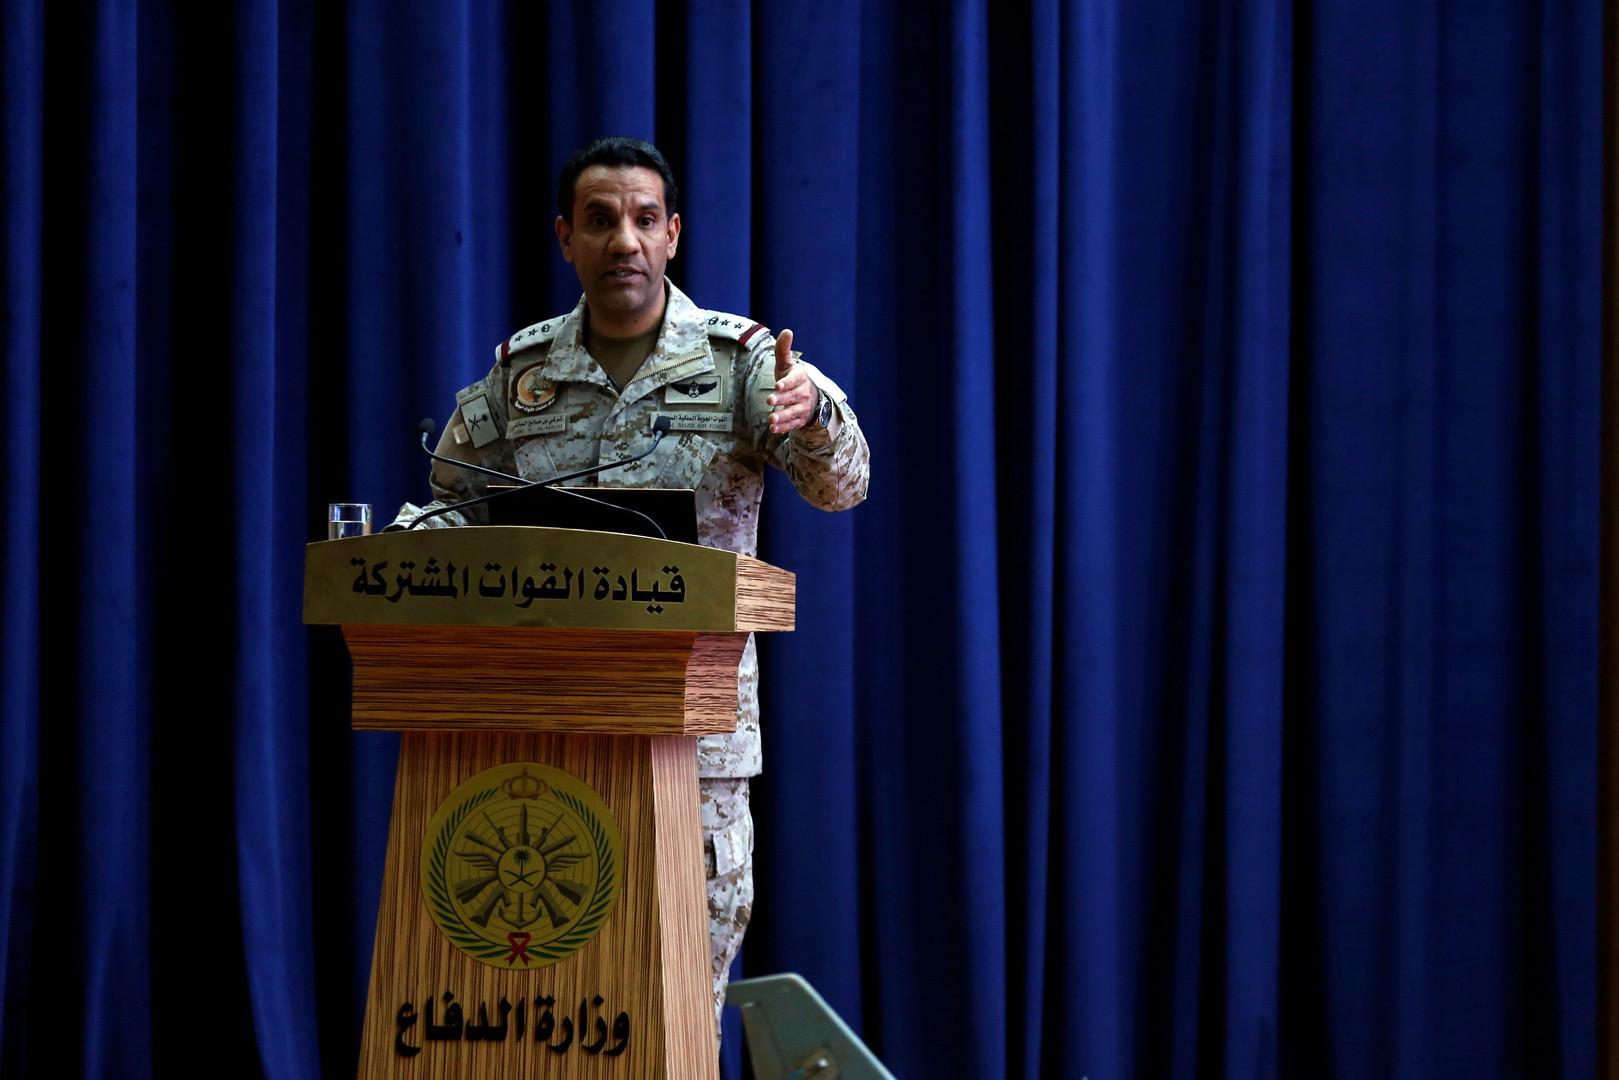 التحالف العربي بعد استهداف مطاري أبها وجازان: لدينا الحق المشروع باتخاذ إجراءات الردع المناسب